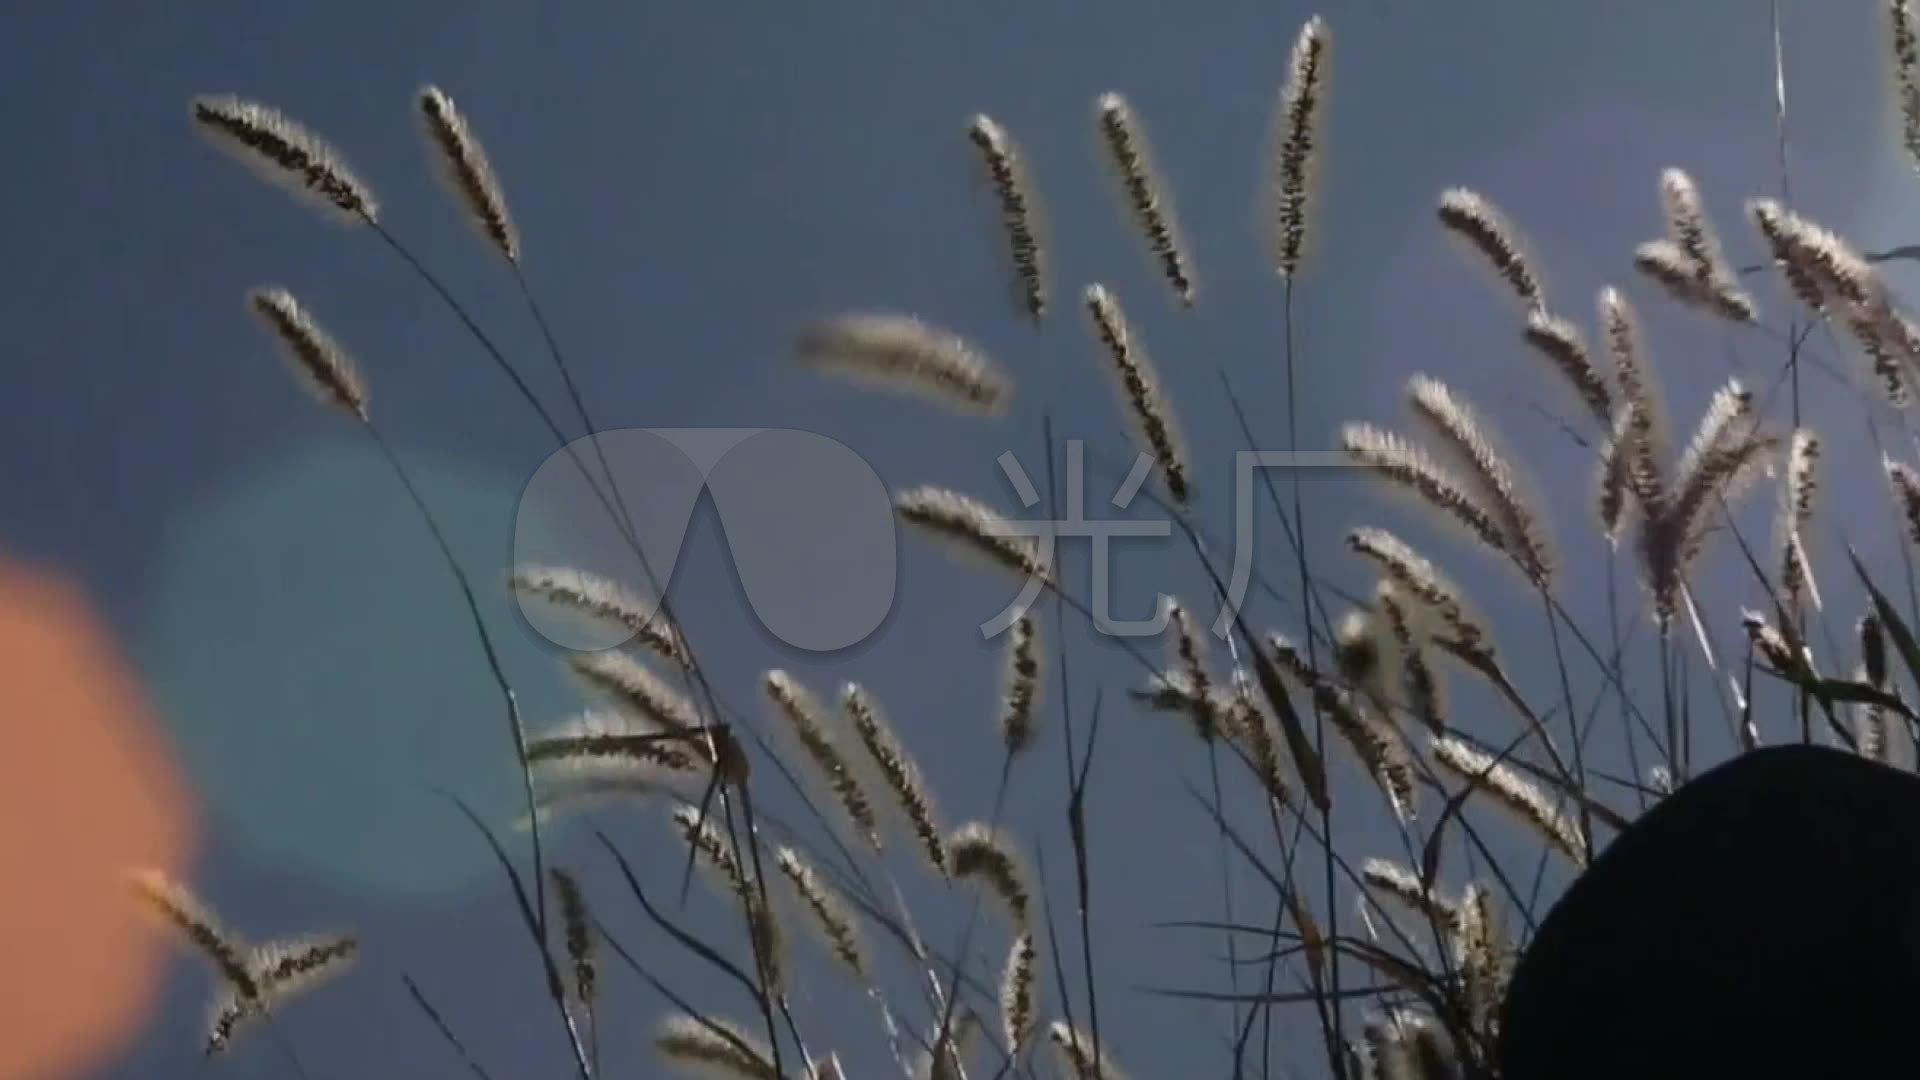 老树昏鸦树影唱歌狗尾巴草特写墙夕阳空境_1的风吹表情包图动图片